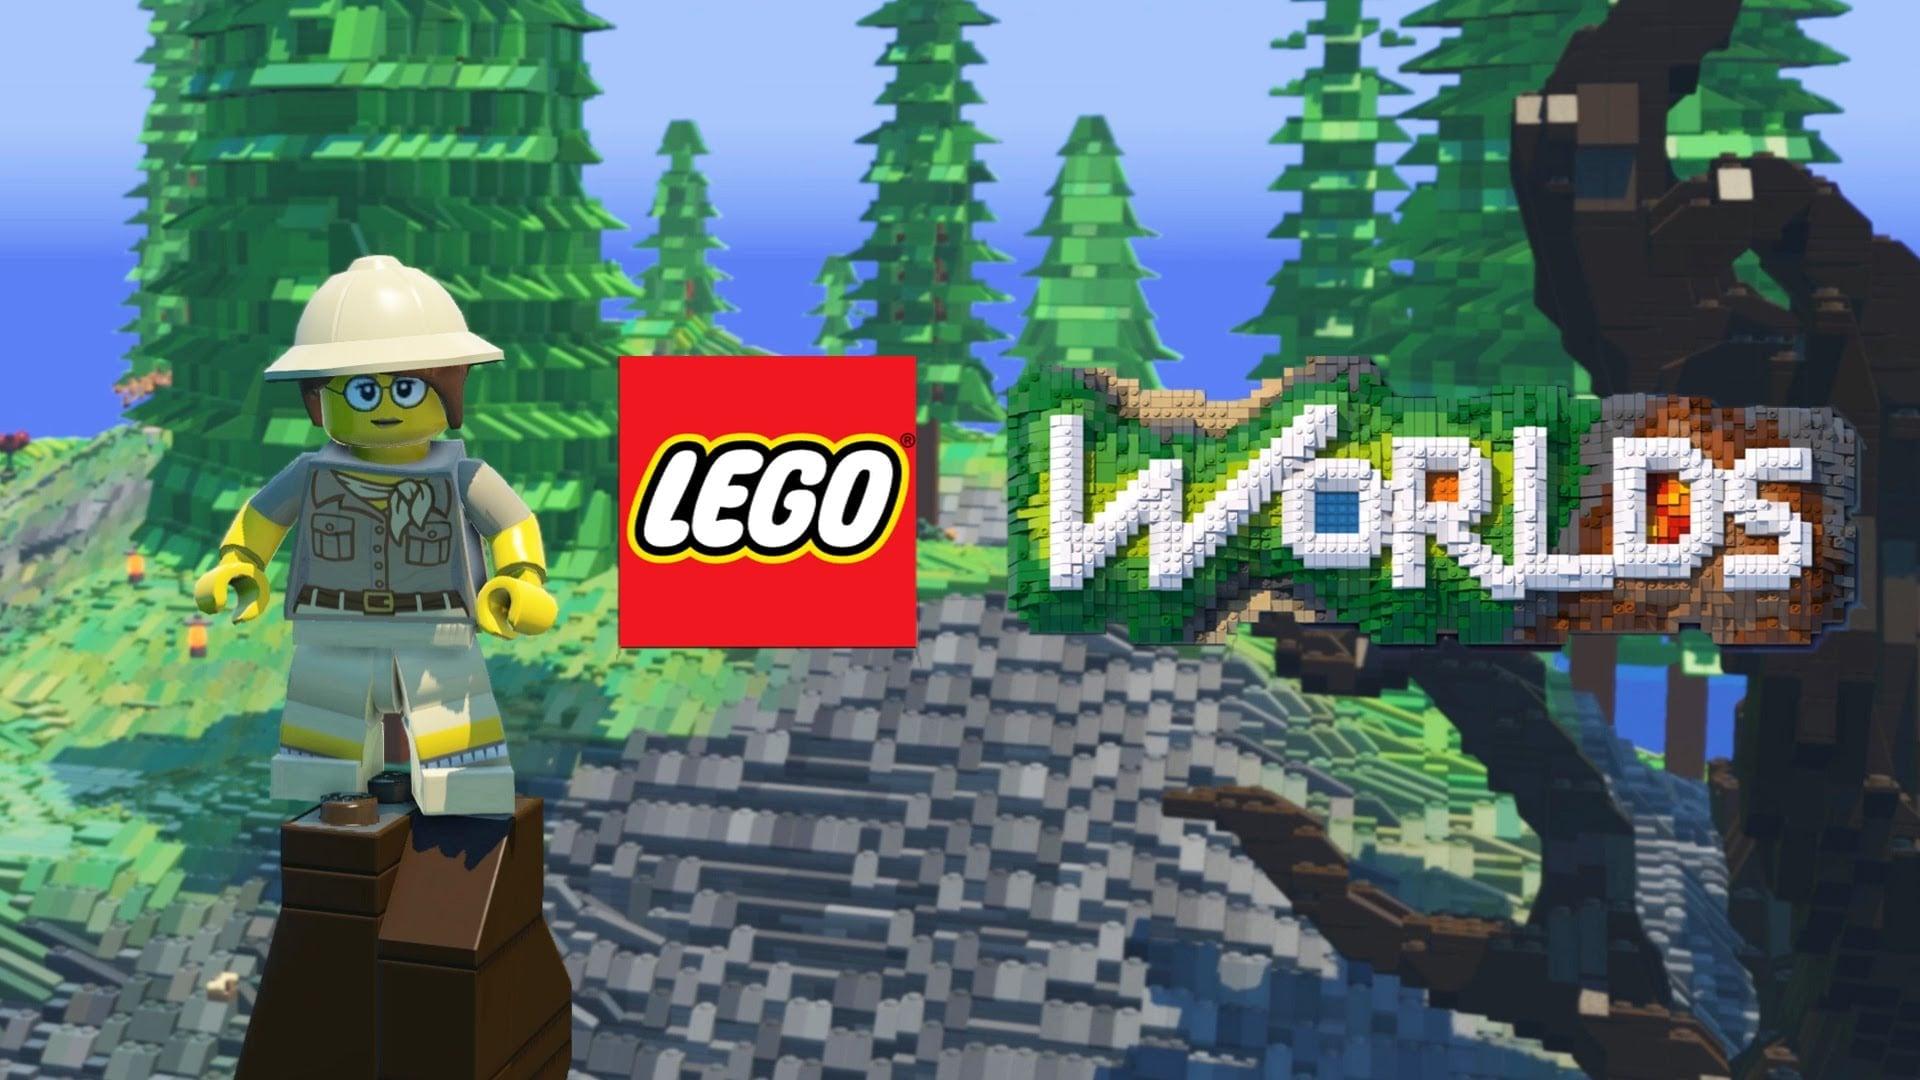 Lego Worlds Otrzymuje Tryb Sandbox Ze Wszystkimi Obiektami I Klockami